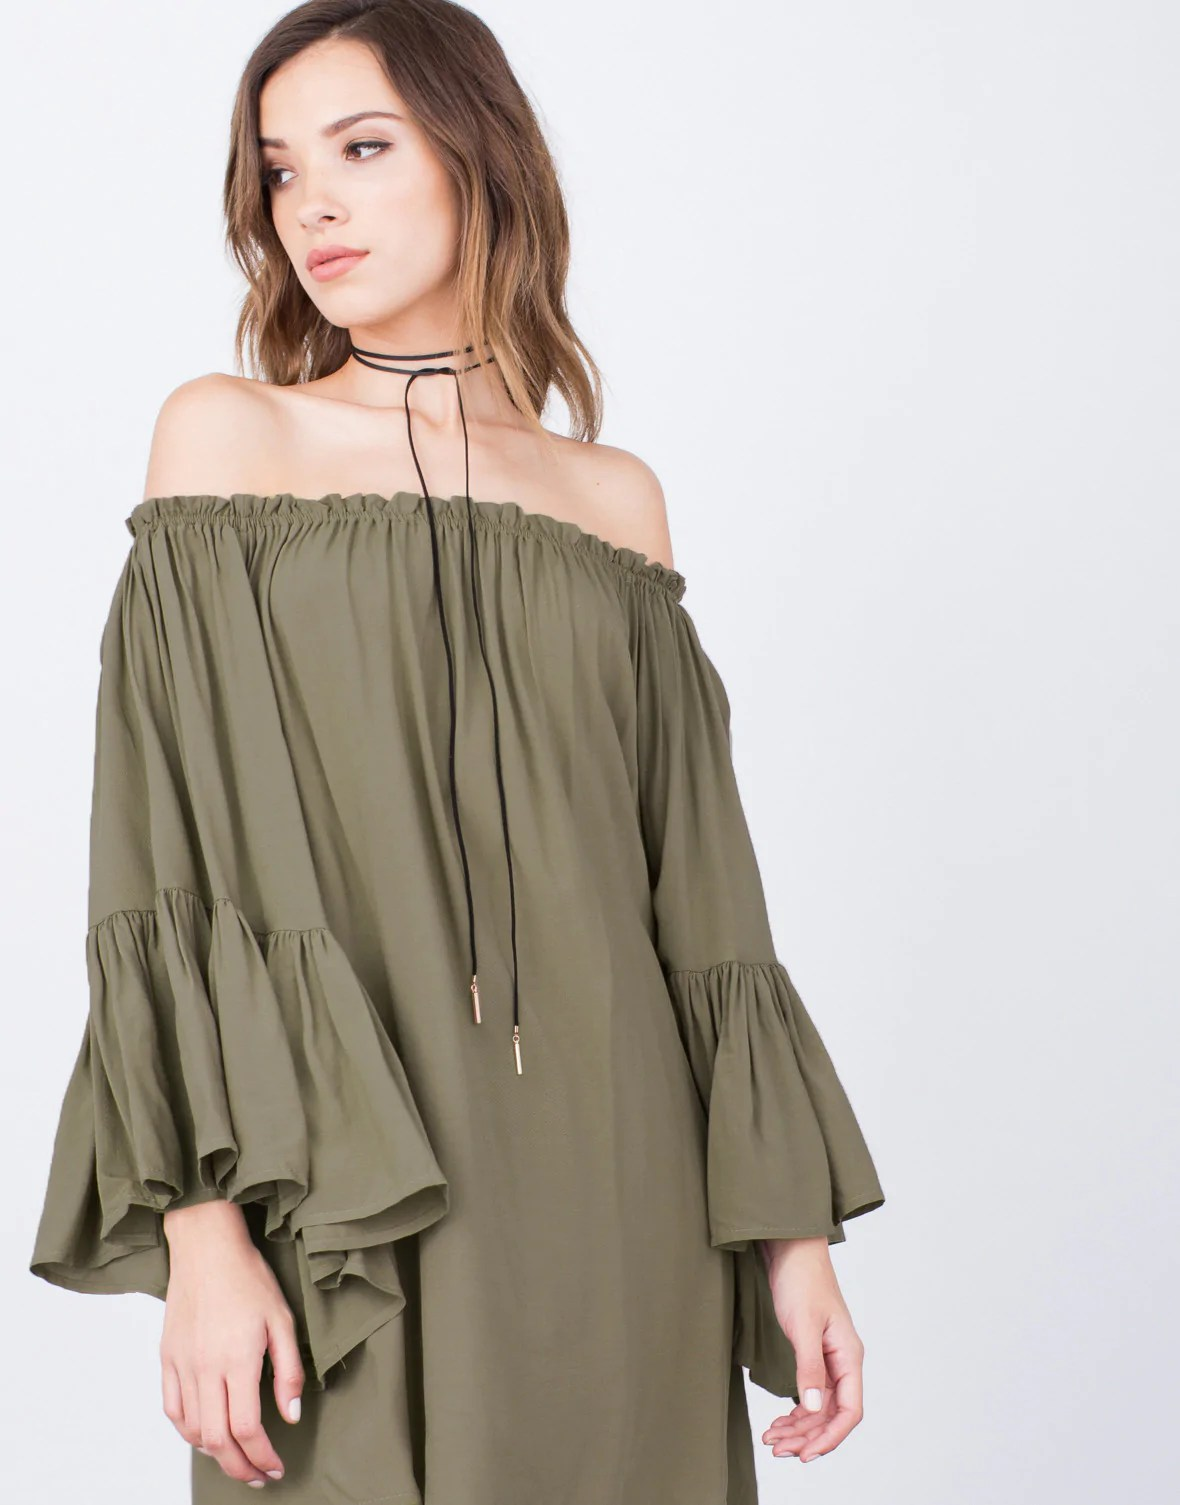 Frilly -shoulder Dress - Ruffled Shoulder